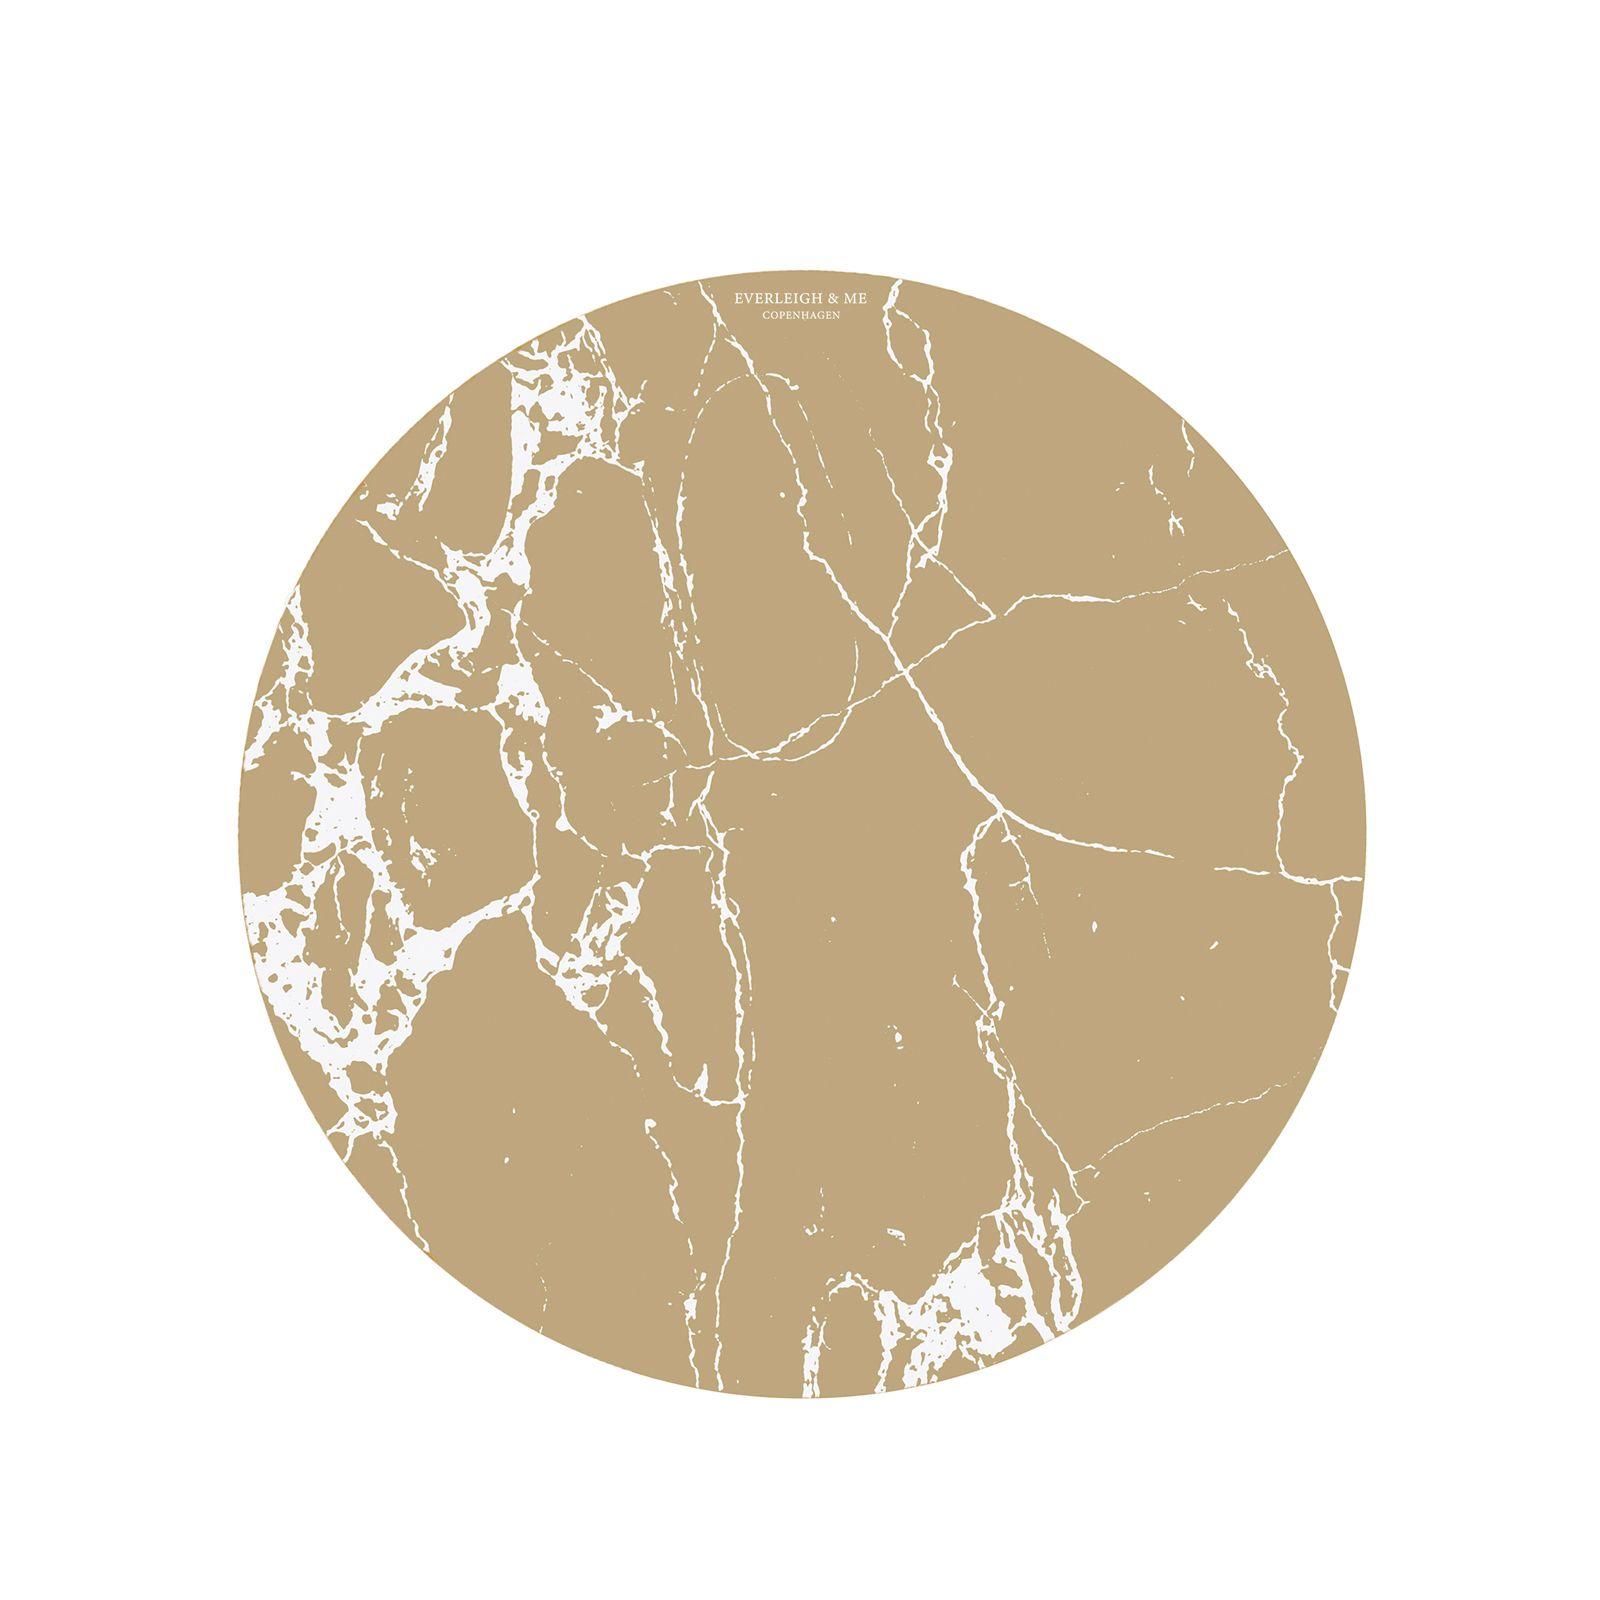 Everleigh & Me - Splat Mat, Brown marple (38BROWNMARBLE)